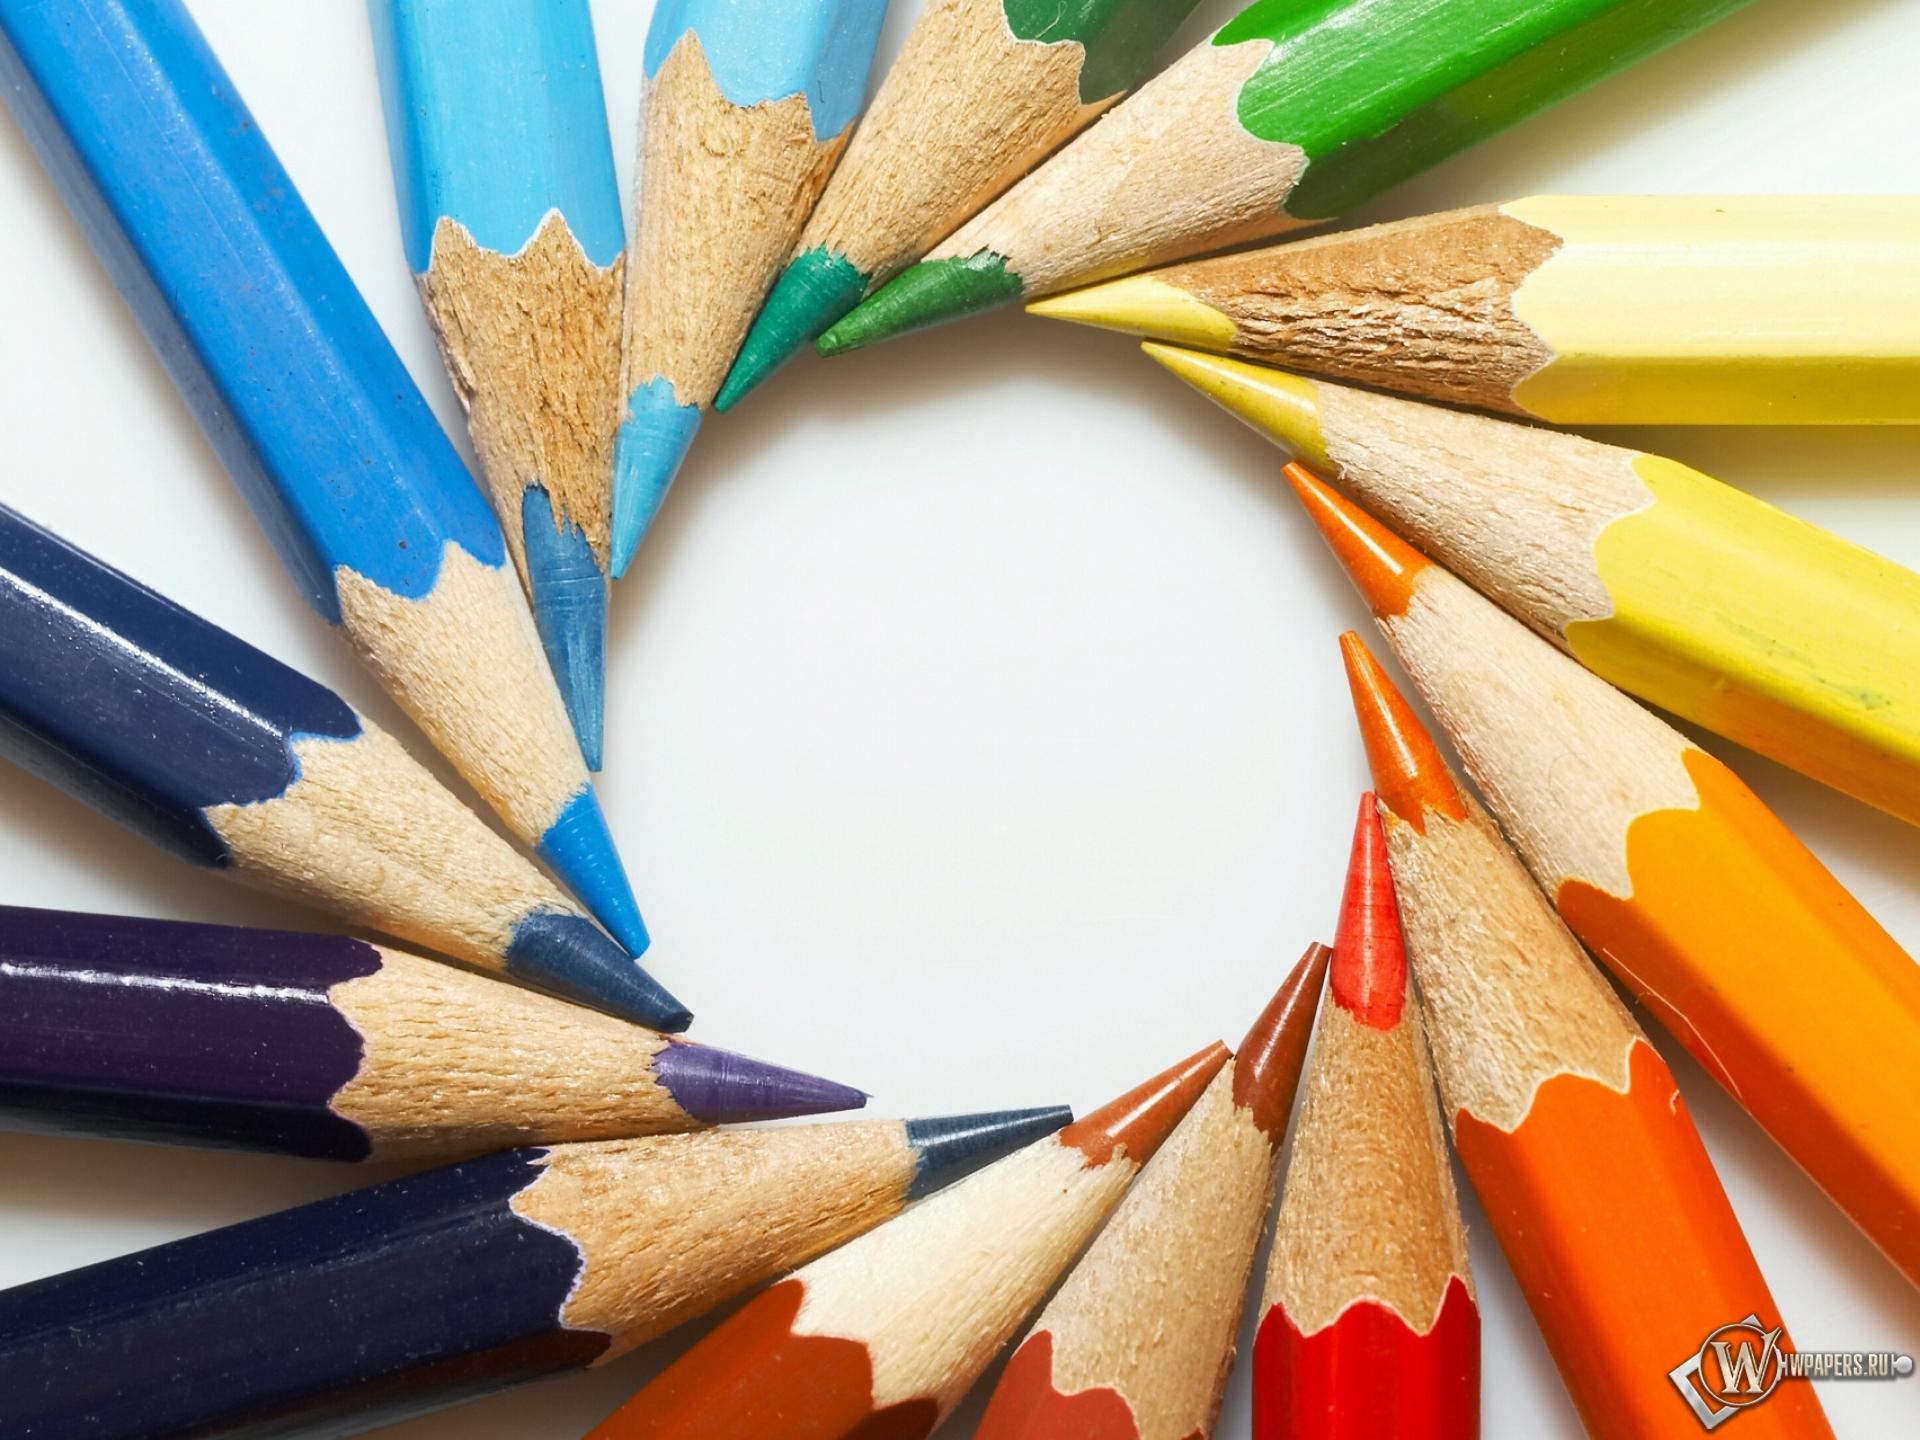 Цветные карандаши 1920x1440